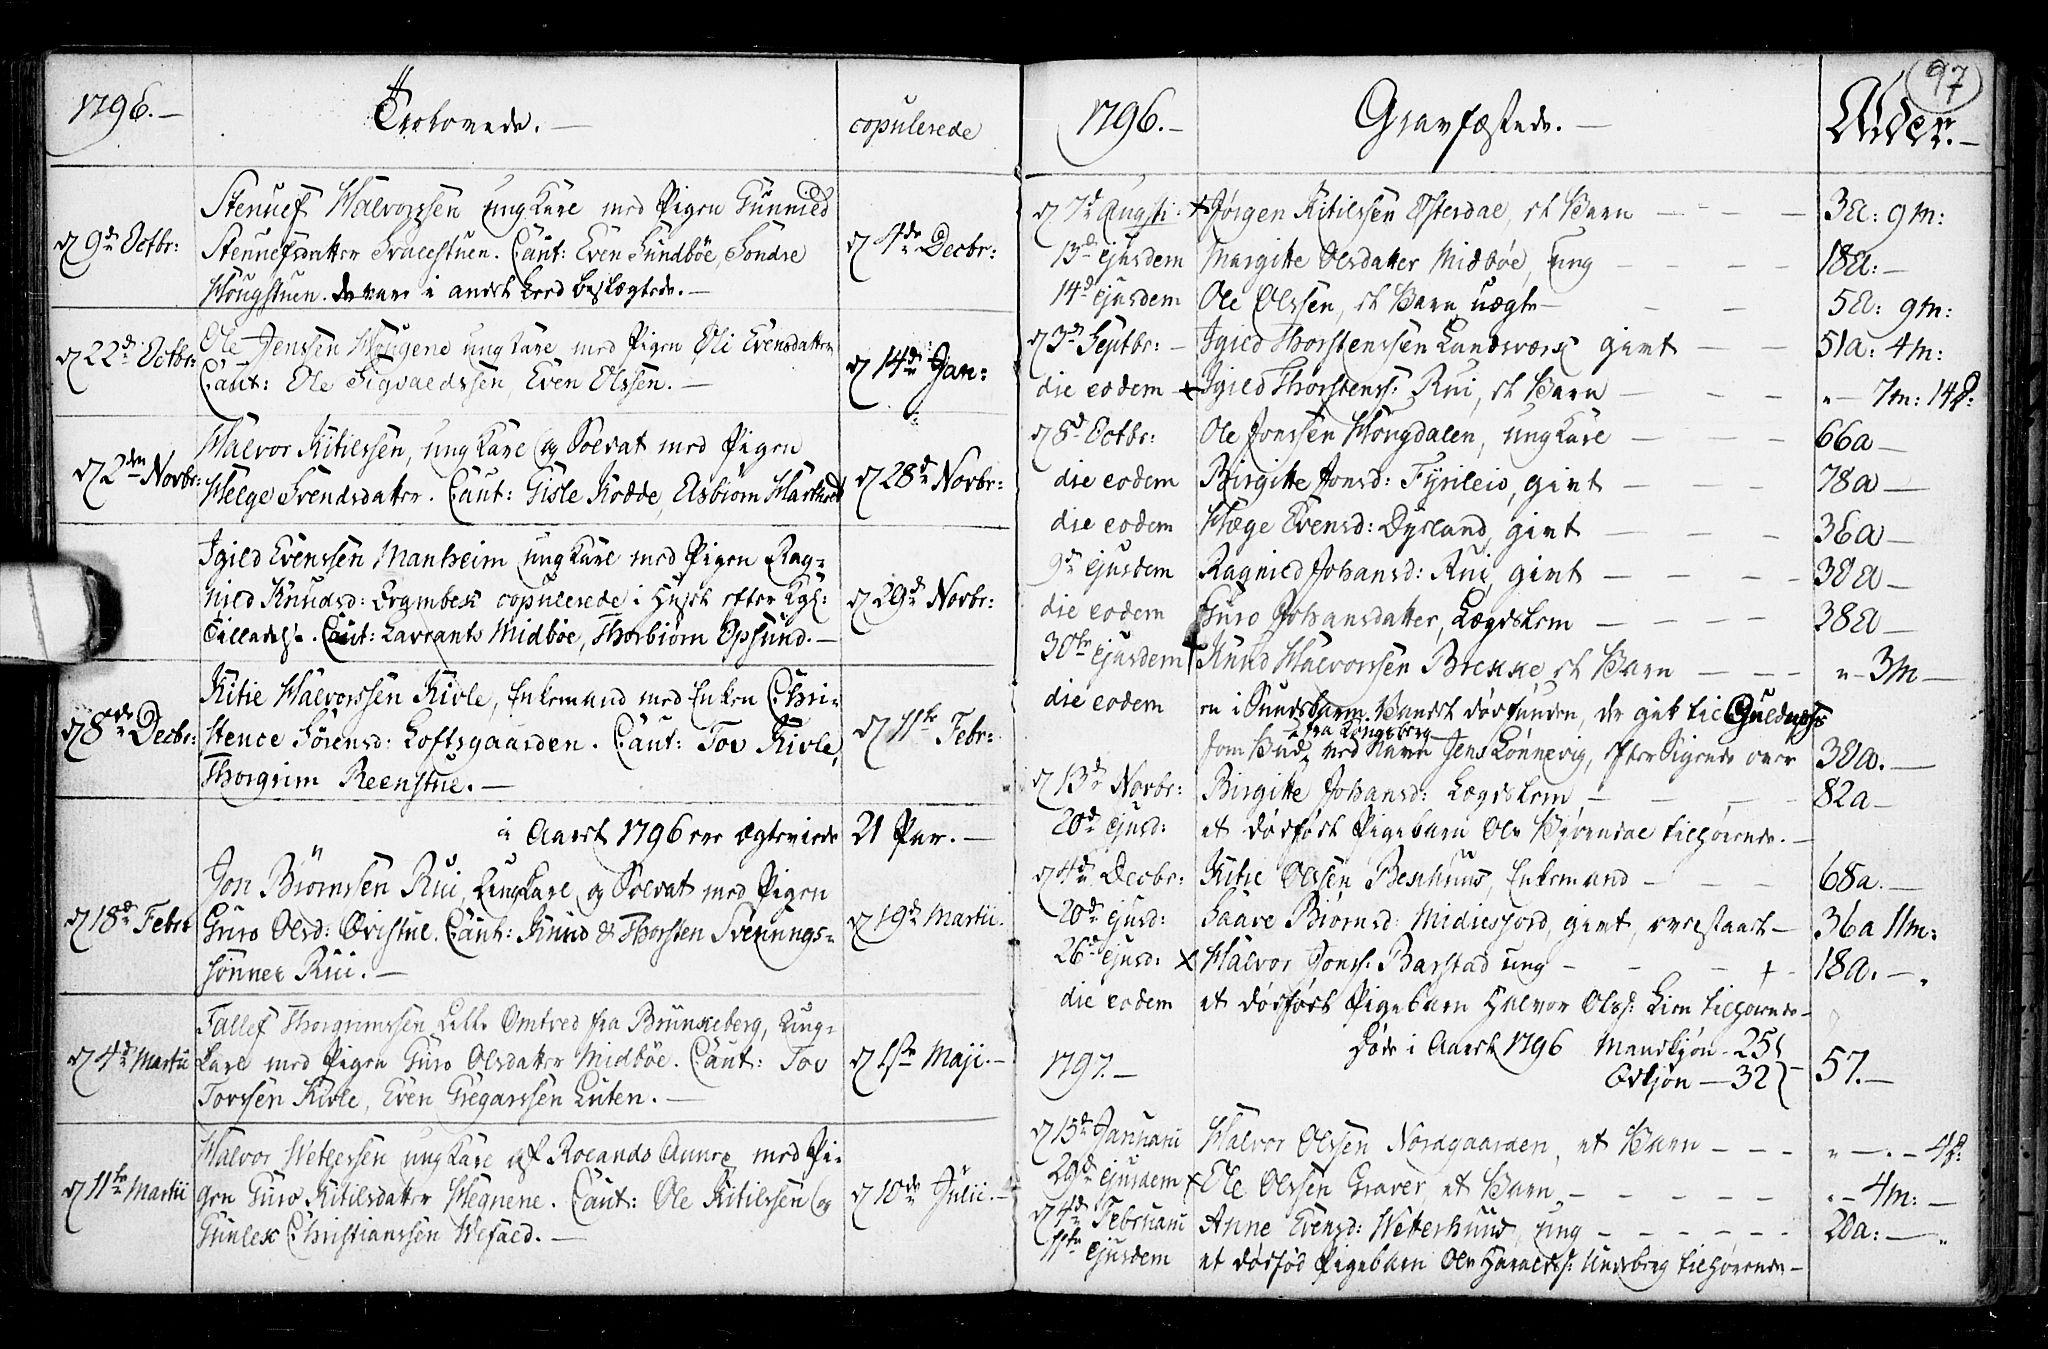 SAKO, Seljord kirkebøker, F/Fa/L0008: Ministerialbok nr. I 8, 1755-1814, s. 97